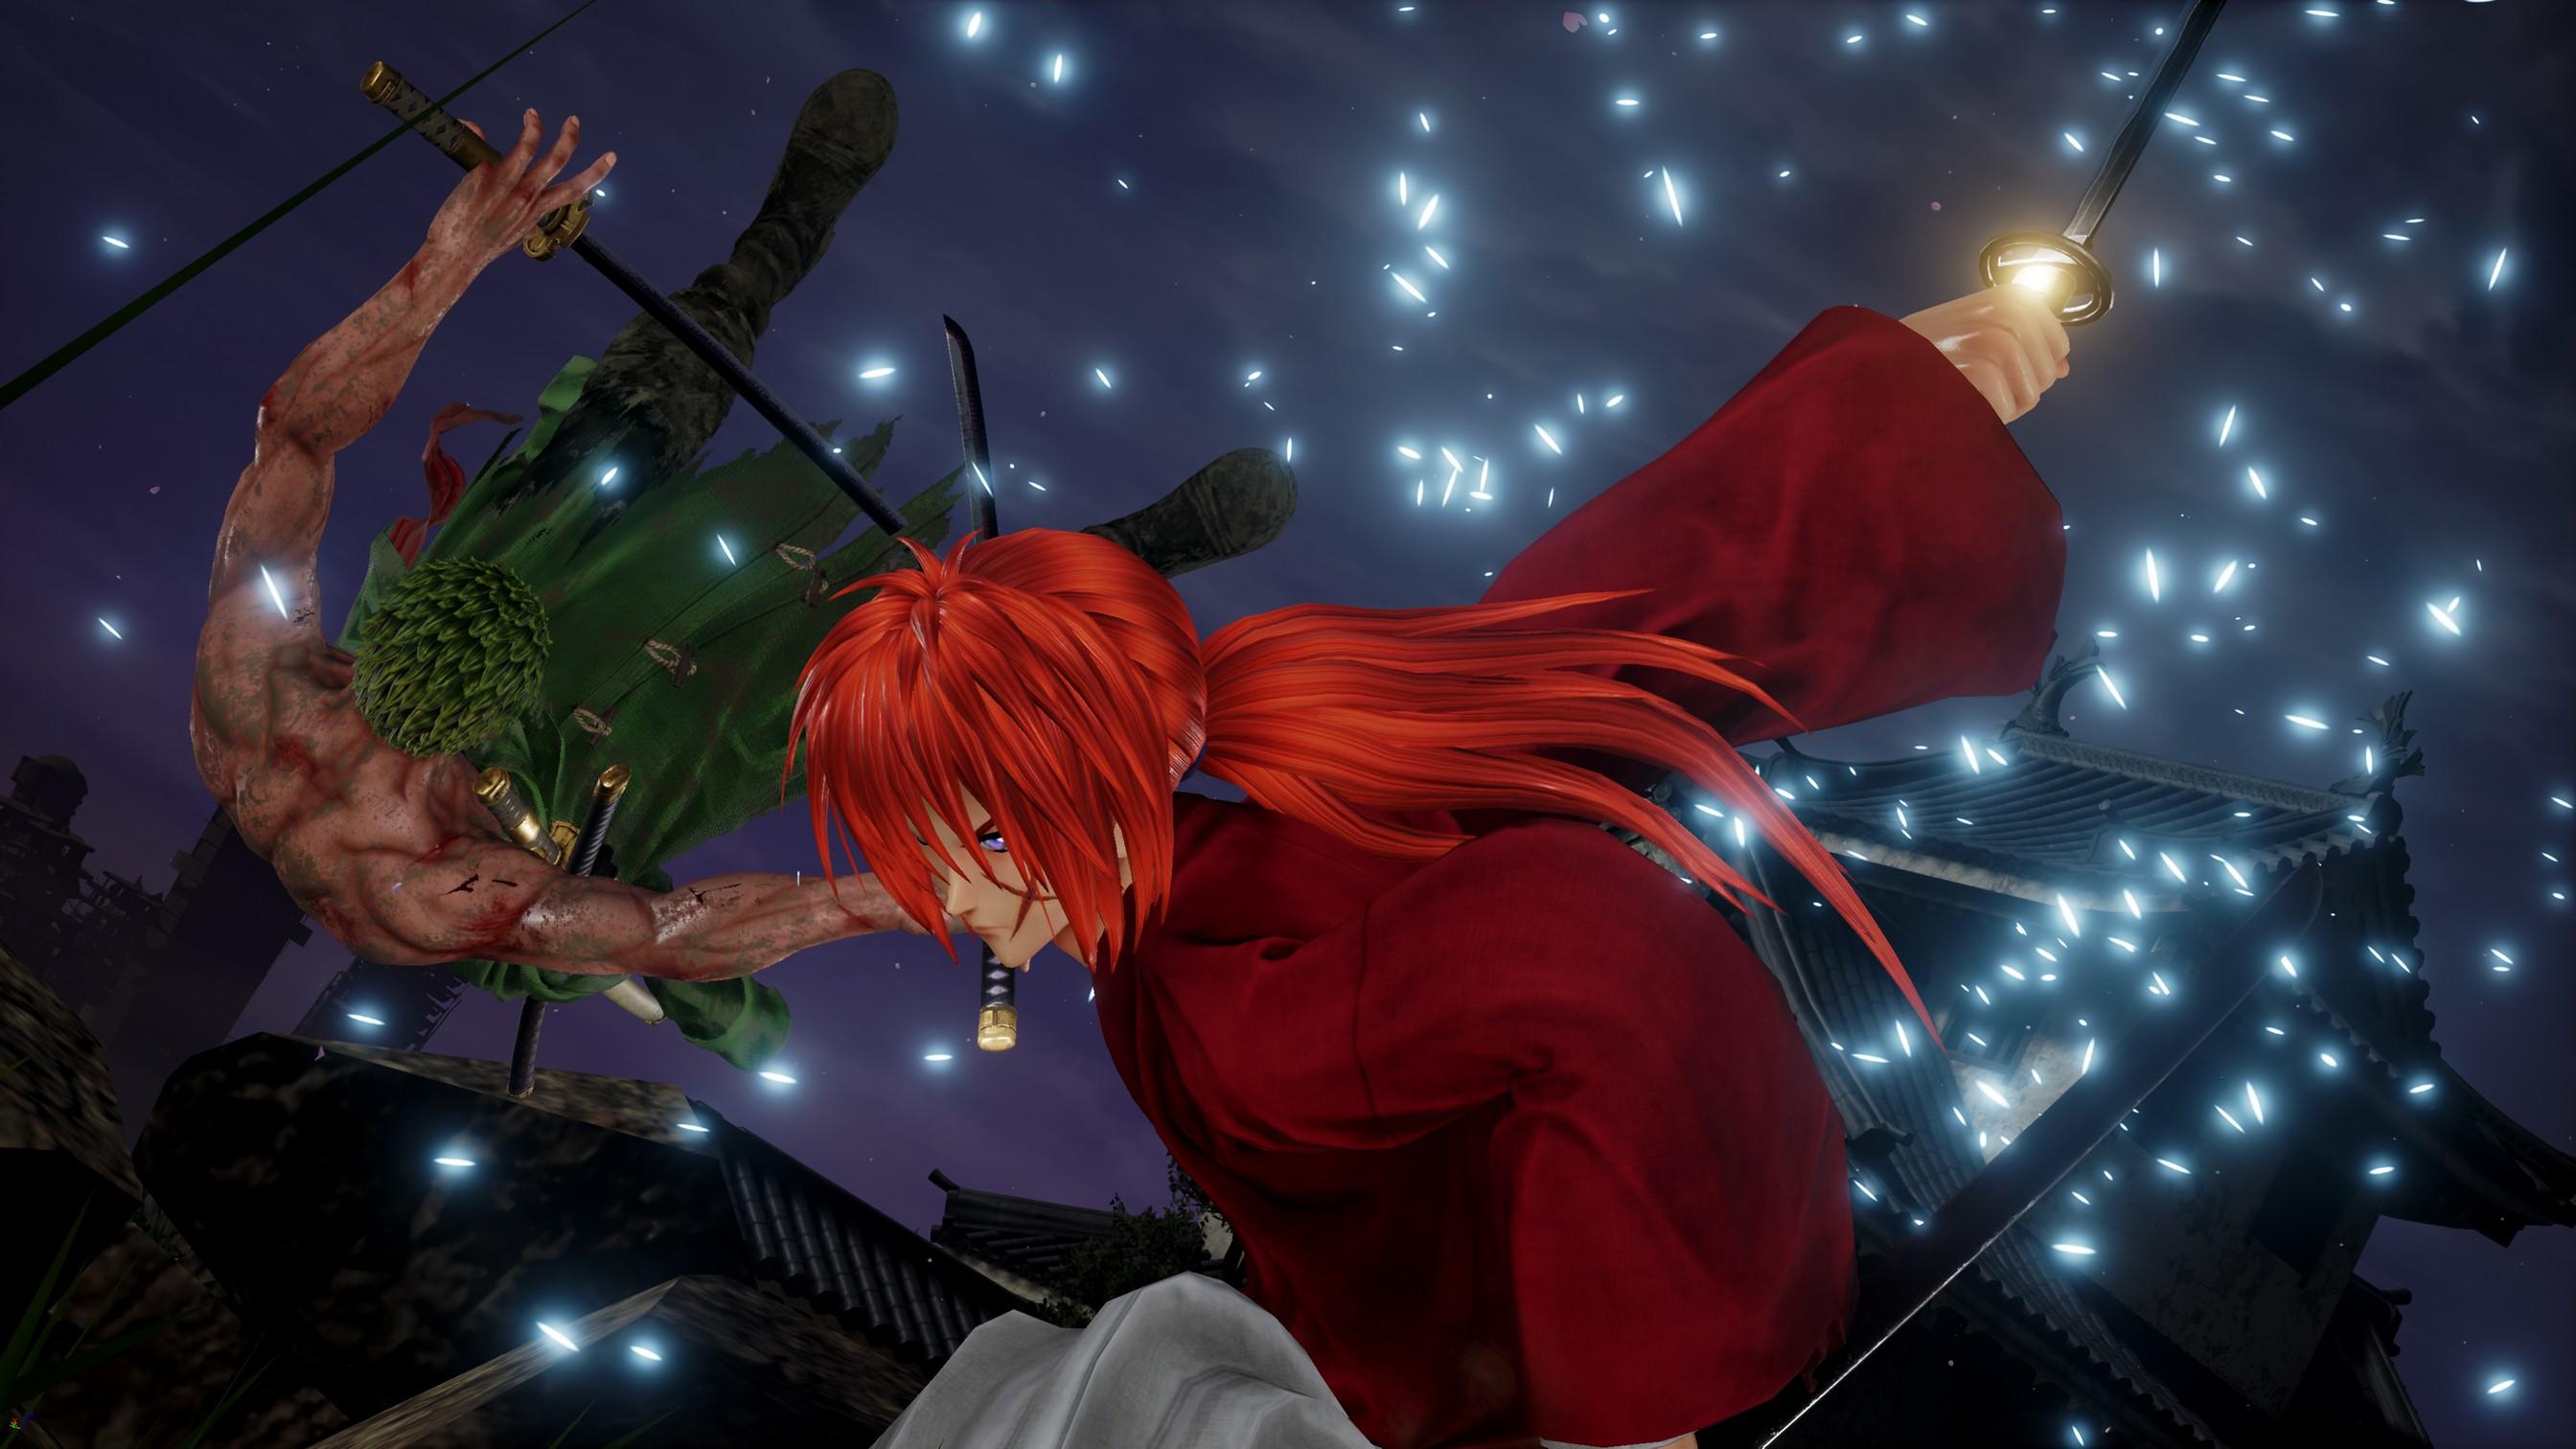 Kenshin_Screenshot_5_1542617877